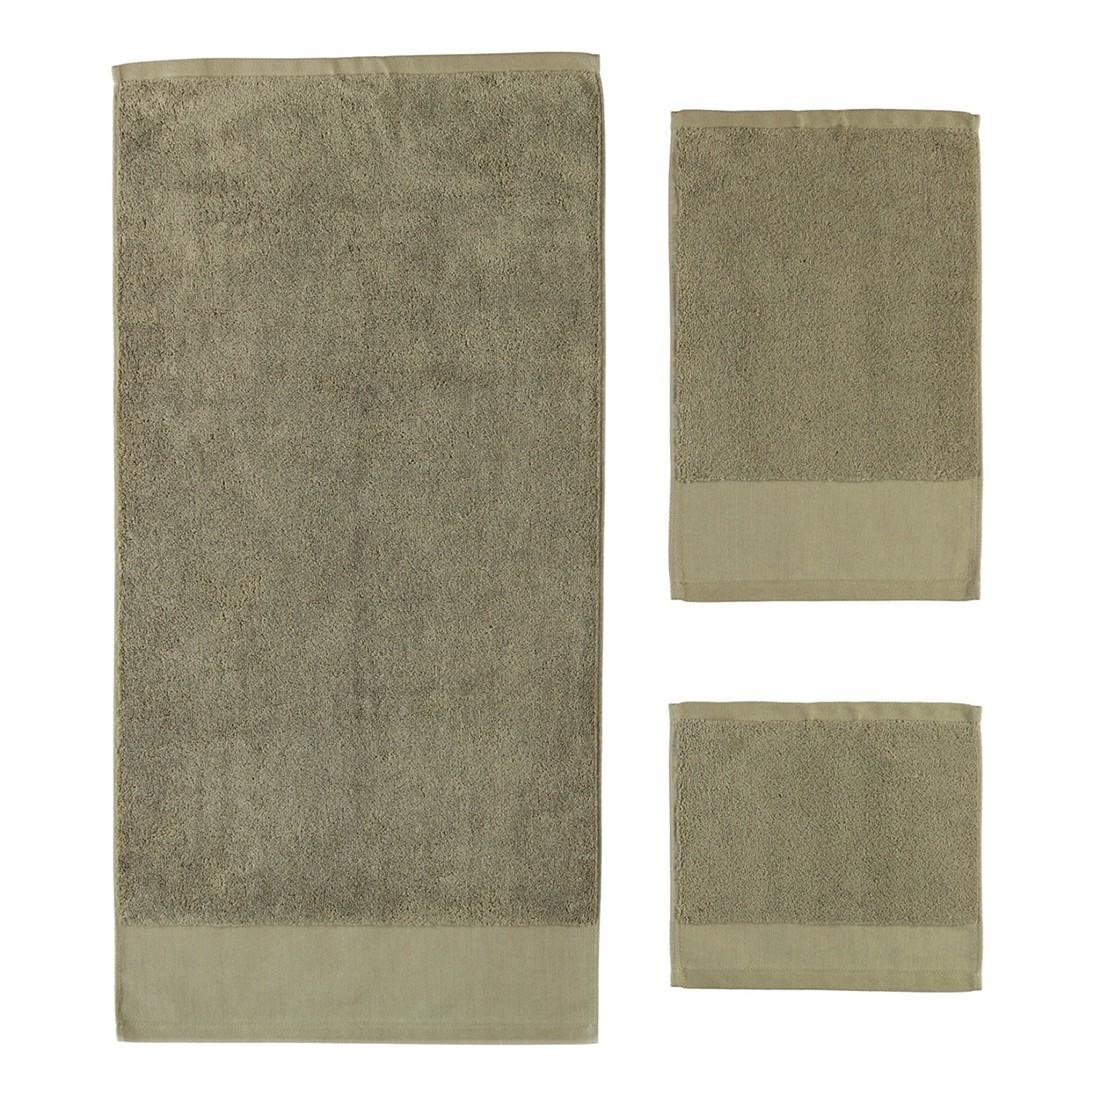 Handtuch Comtesse – 100% Baumwolle taupe – 58 – Gästetuch: 30 x 50 cm, Rhomtuft günstig kaufen